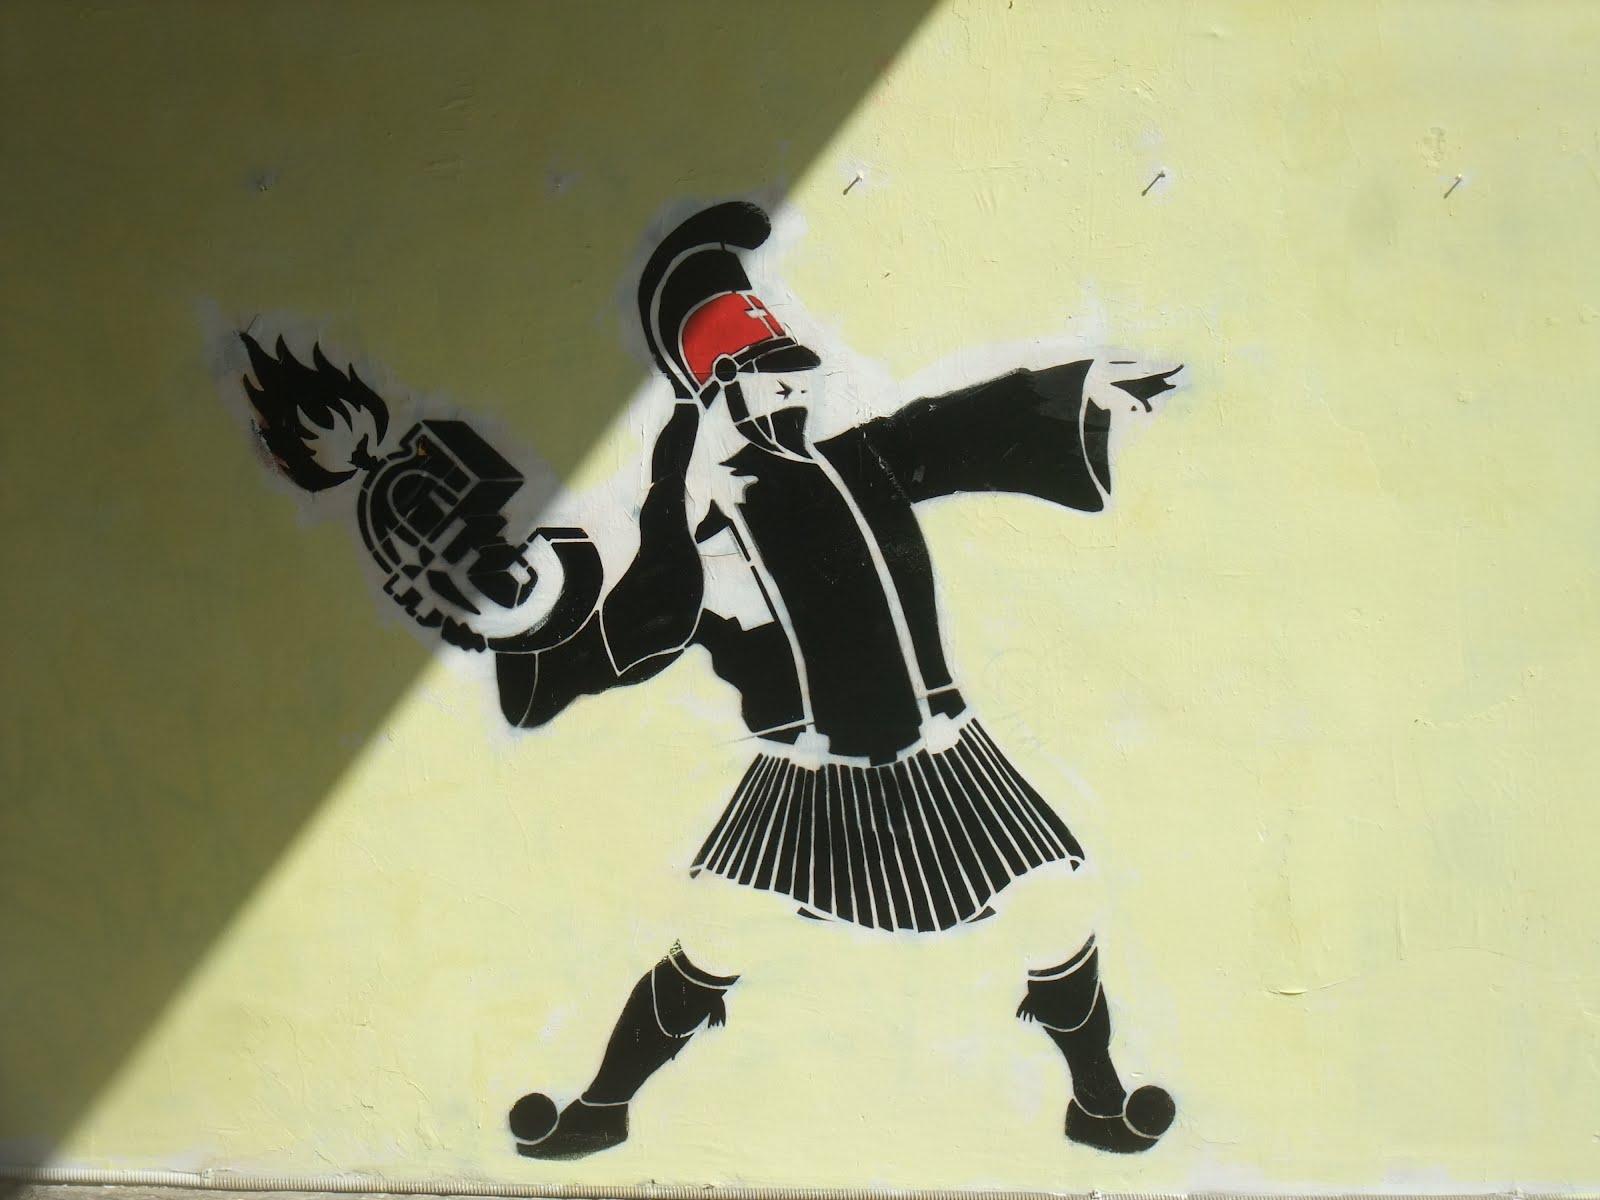 SNIPPITS AND SNAPPITS: GREEK GRAFFITI